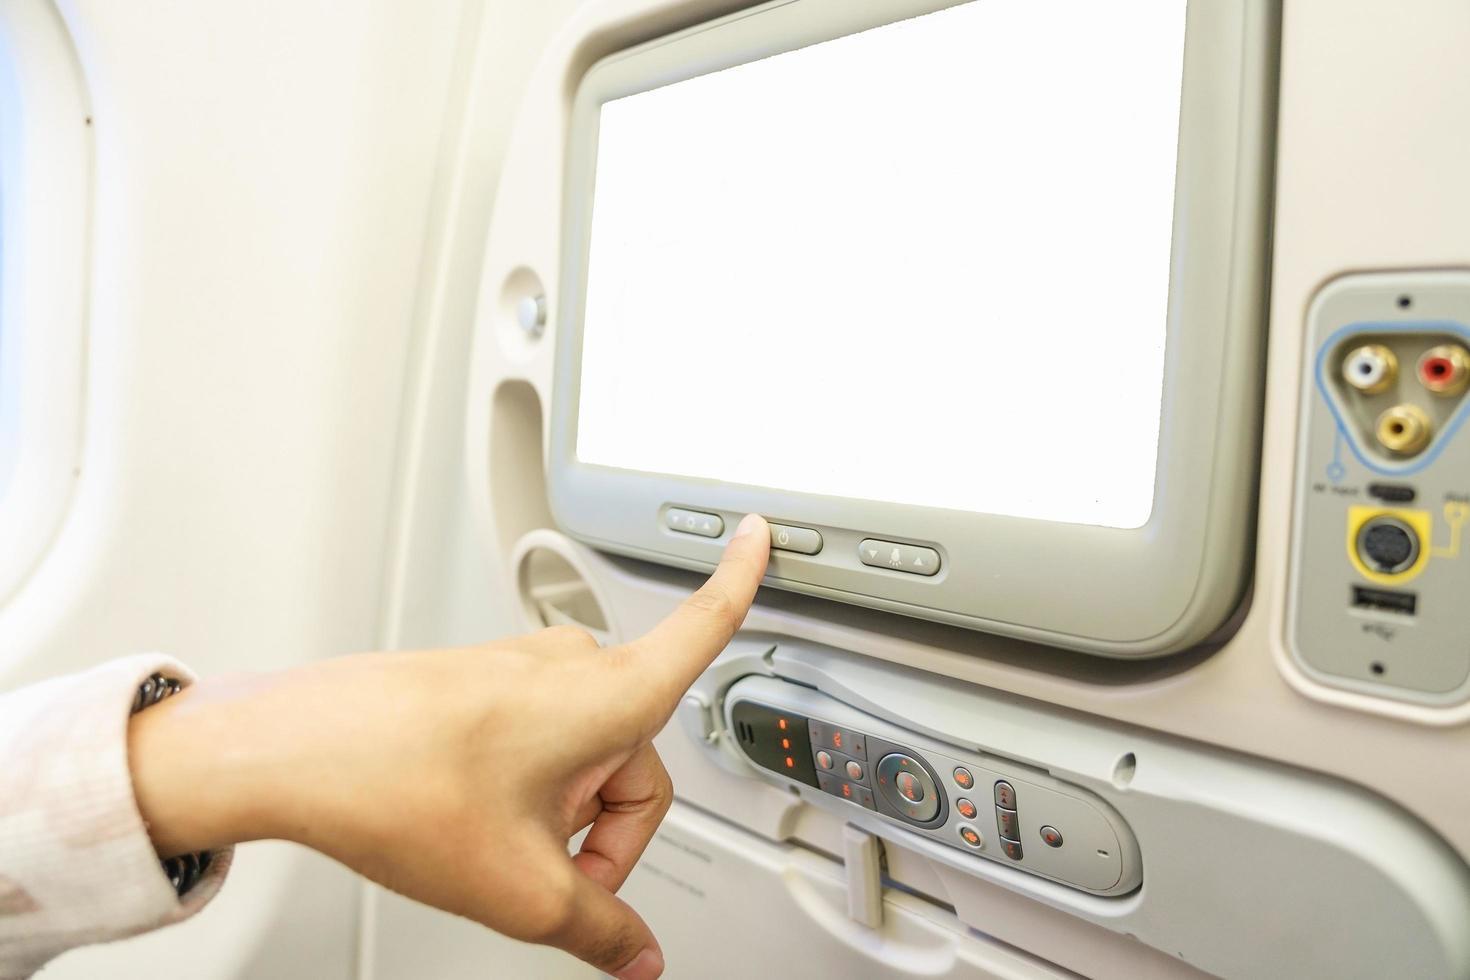 donna che punta il dito sullo schermo lcd bianco vuoto su un aeroplano foto